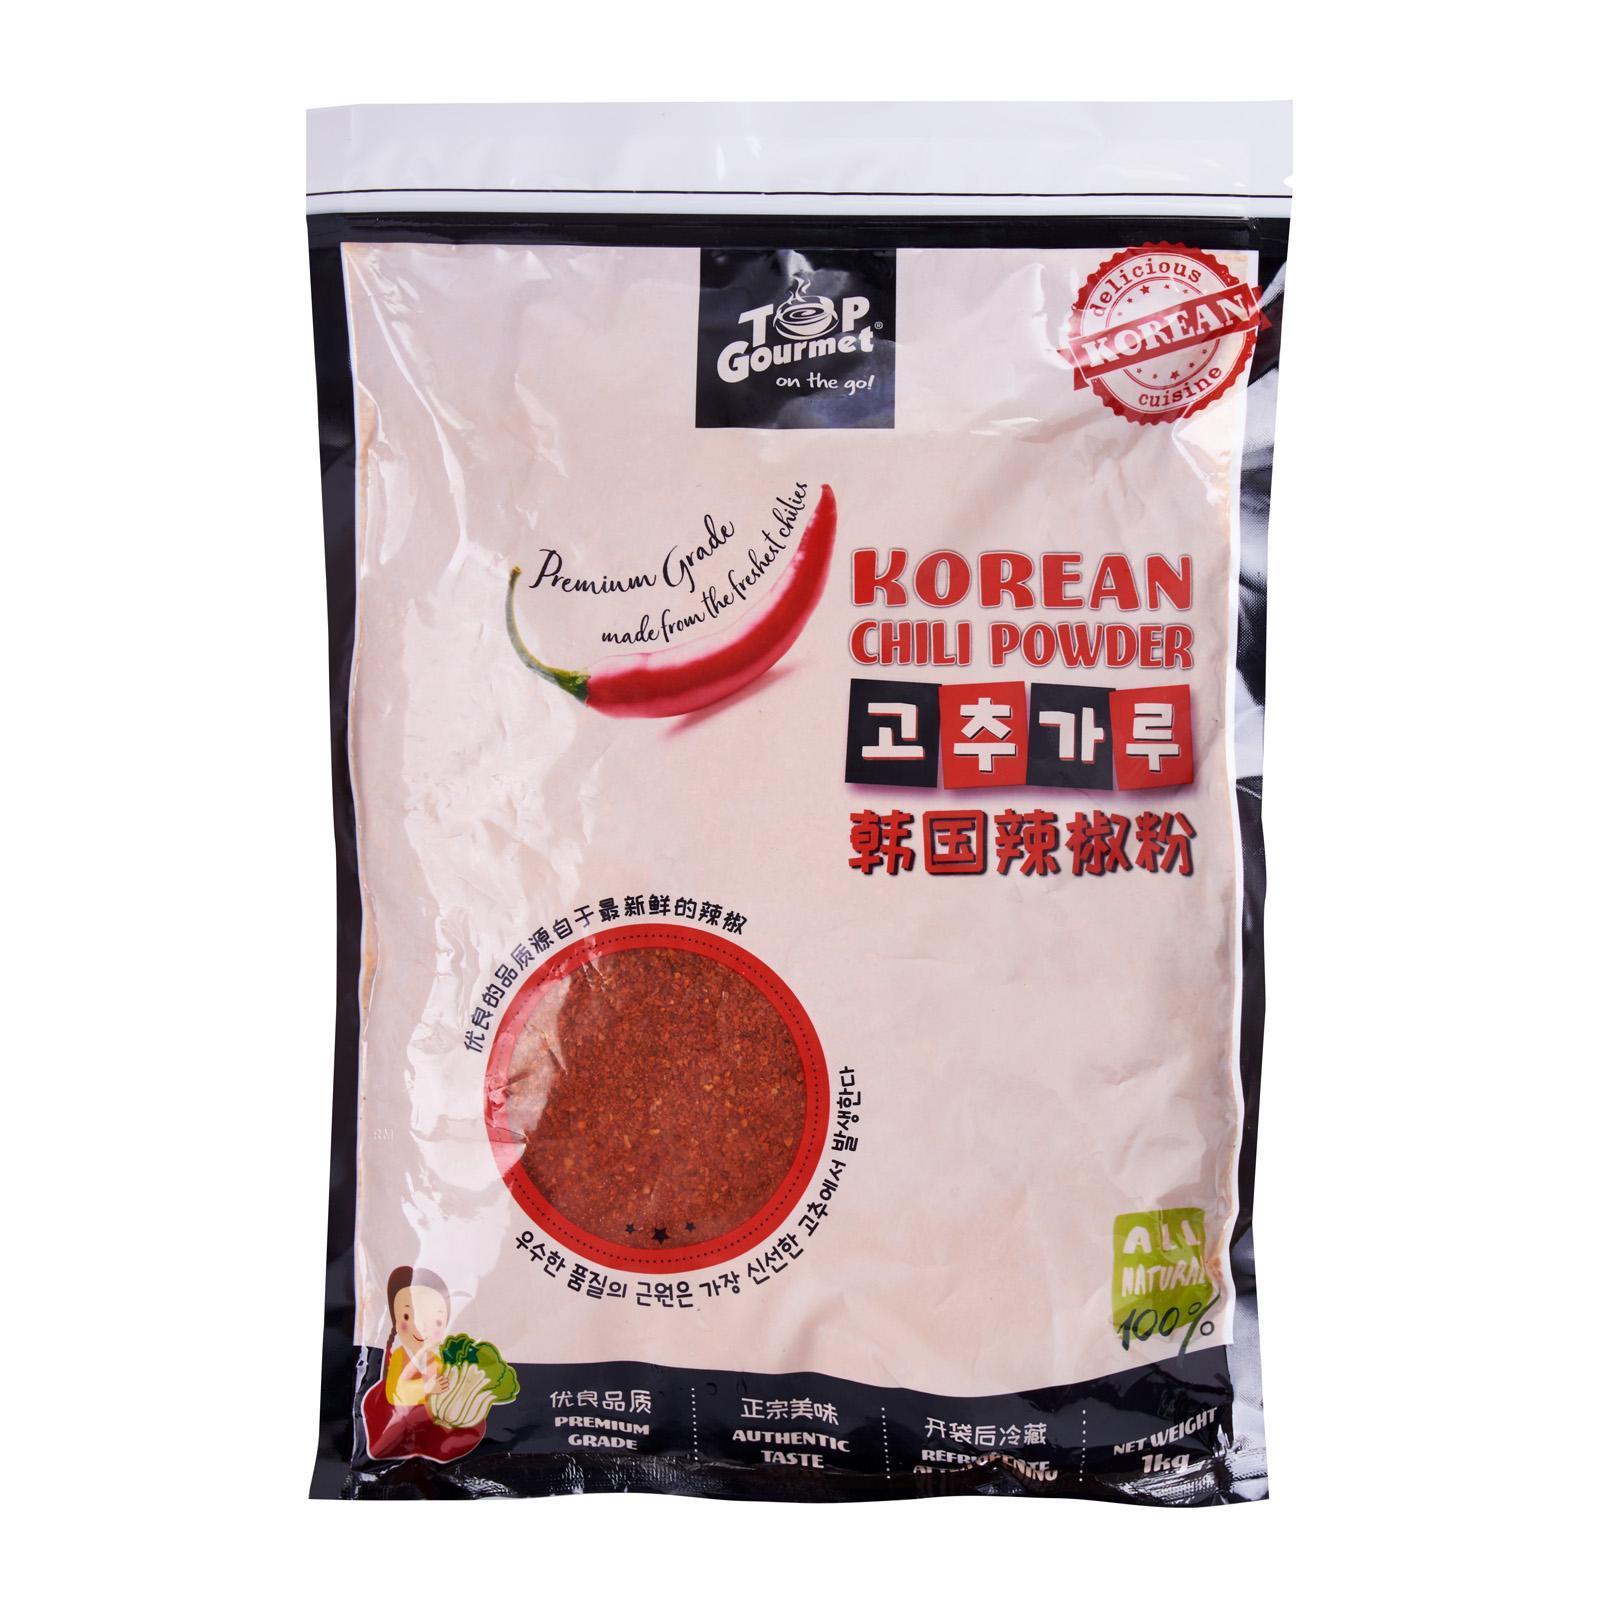 Top Gourmet Korean Chili Powder 1 Kg